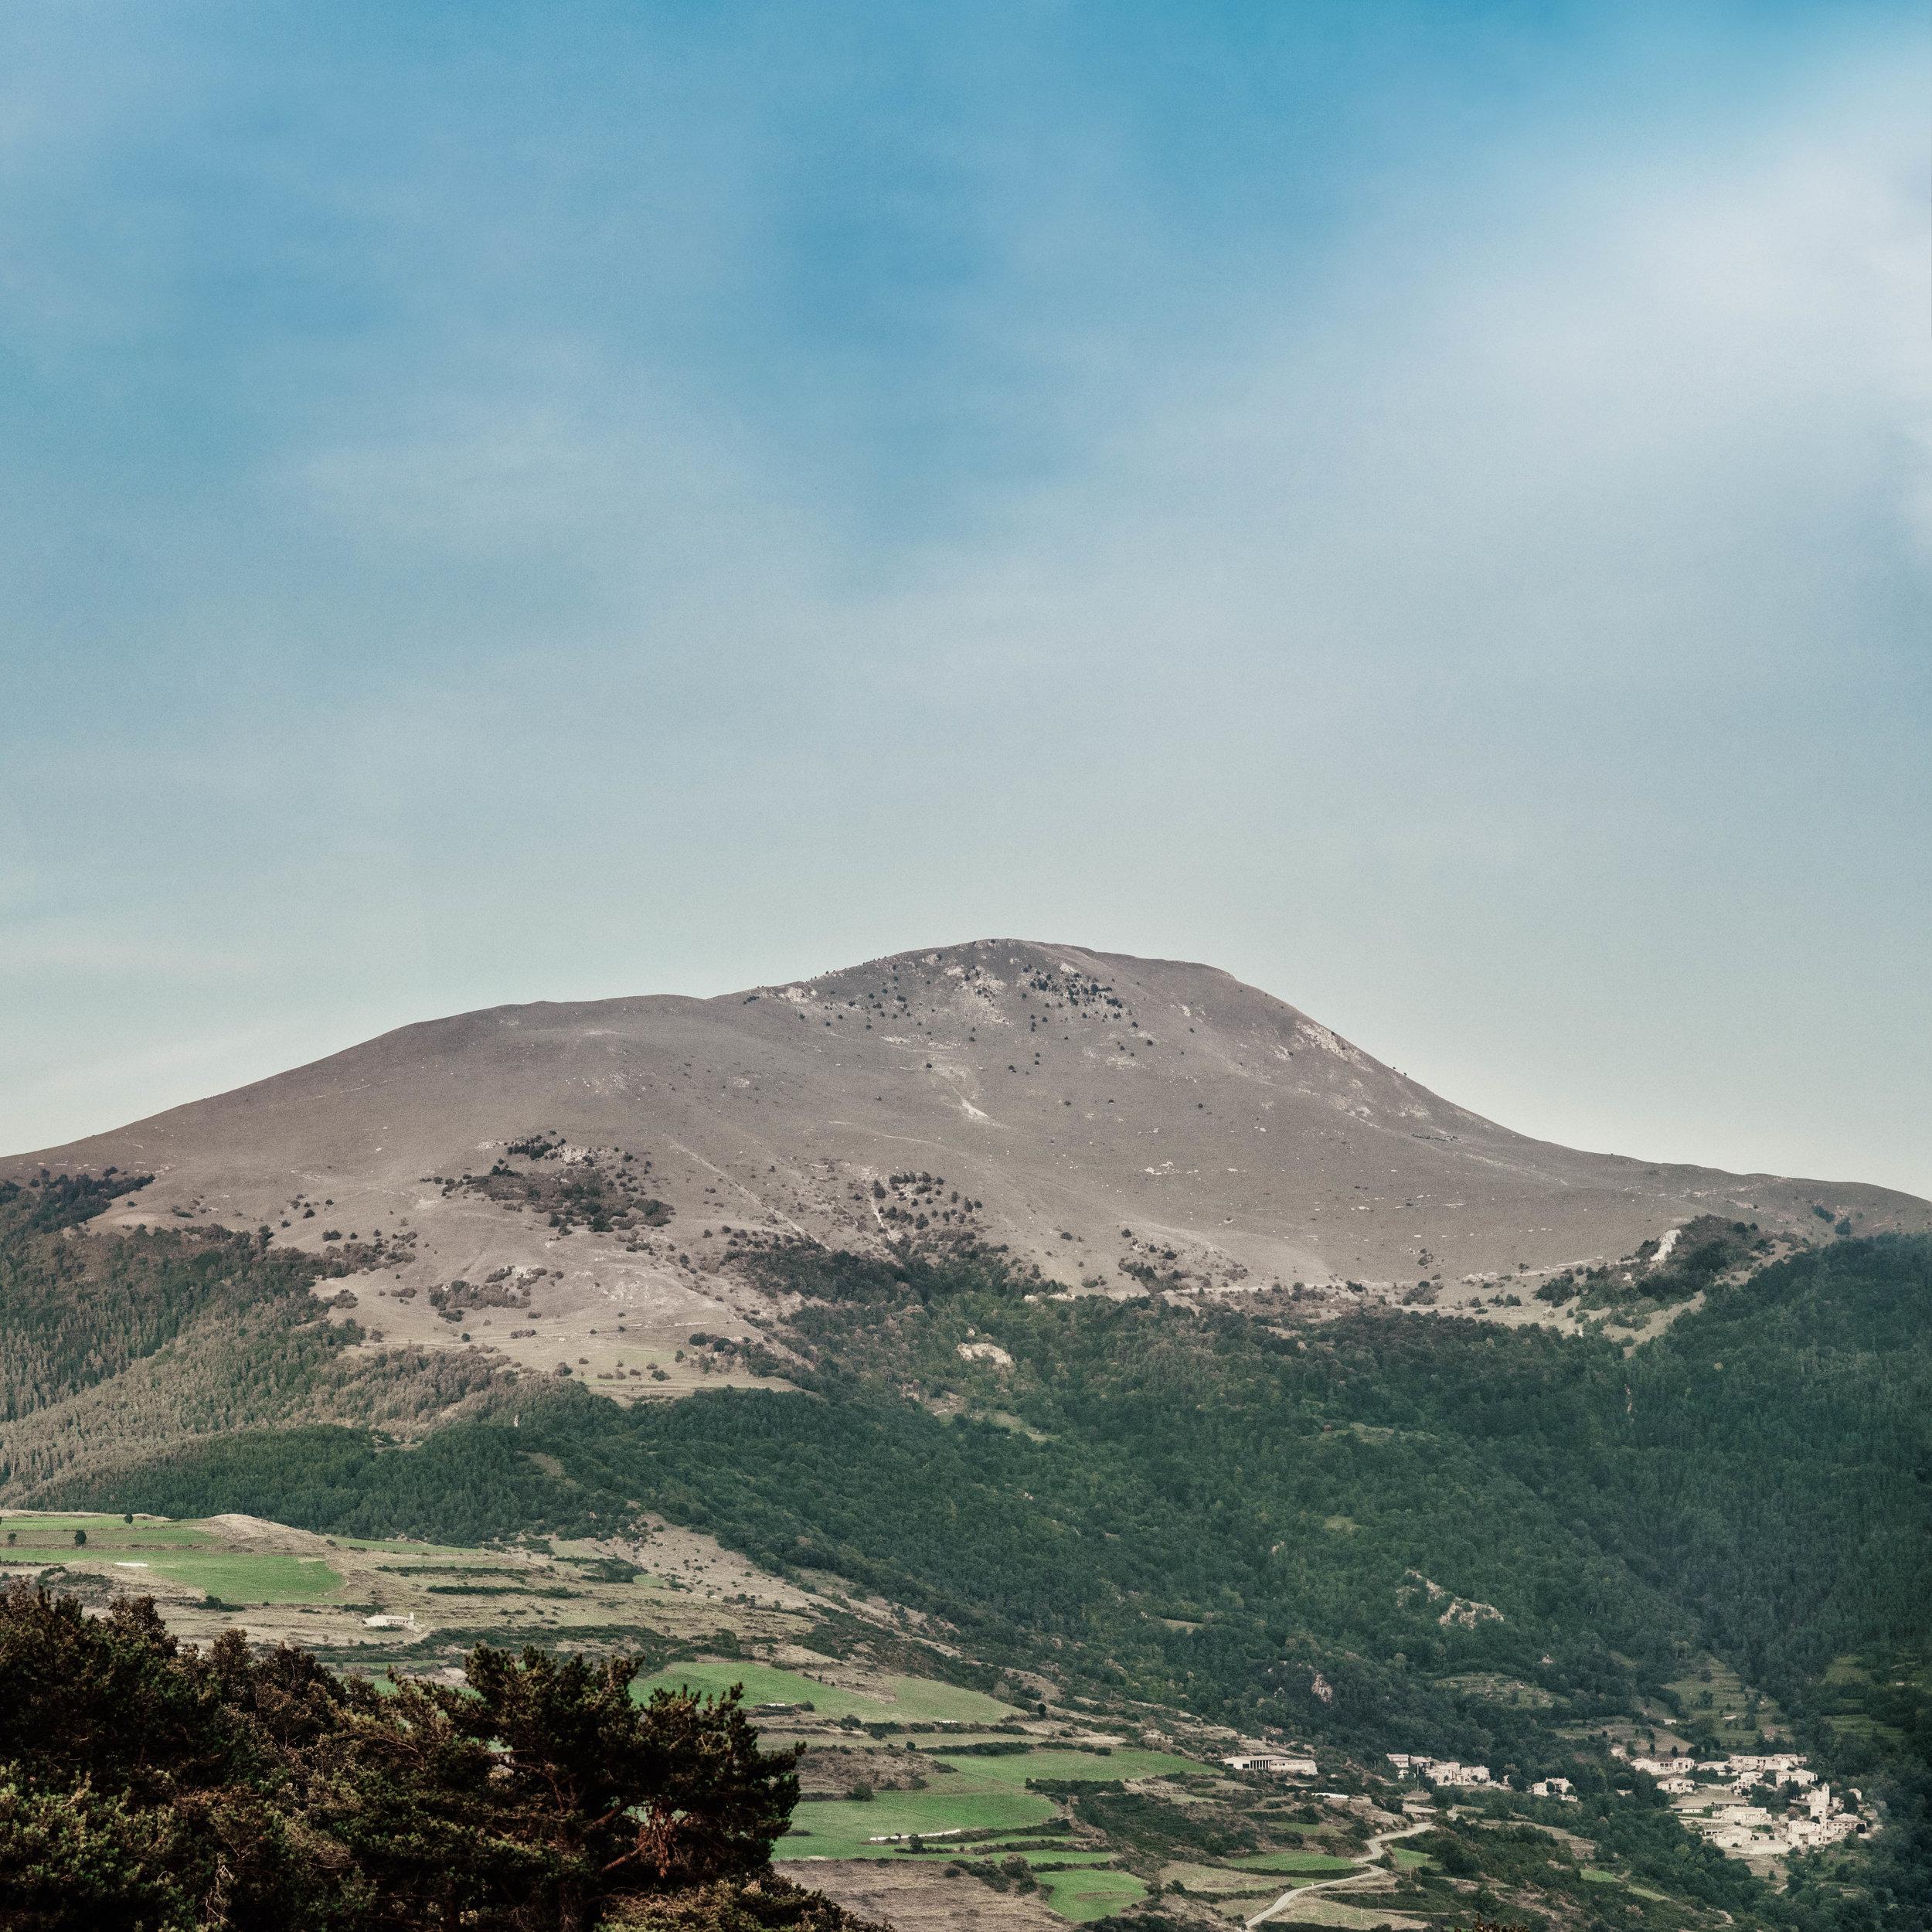 Serra Cavallera  El Taga a 2.040m i el Puigestela a 2.013m són de les muntanyes més populars i accessibles del Ripollès. Ideals per iniciar-se en l'excursionisme, s'hi pot accedir des de diversos punts tot, entre els quals destaquen la ruta des de Pardines i també des del coll de Jou.